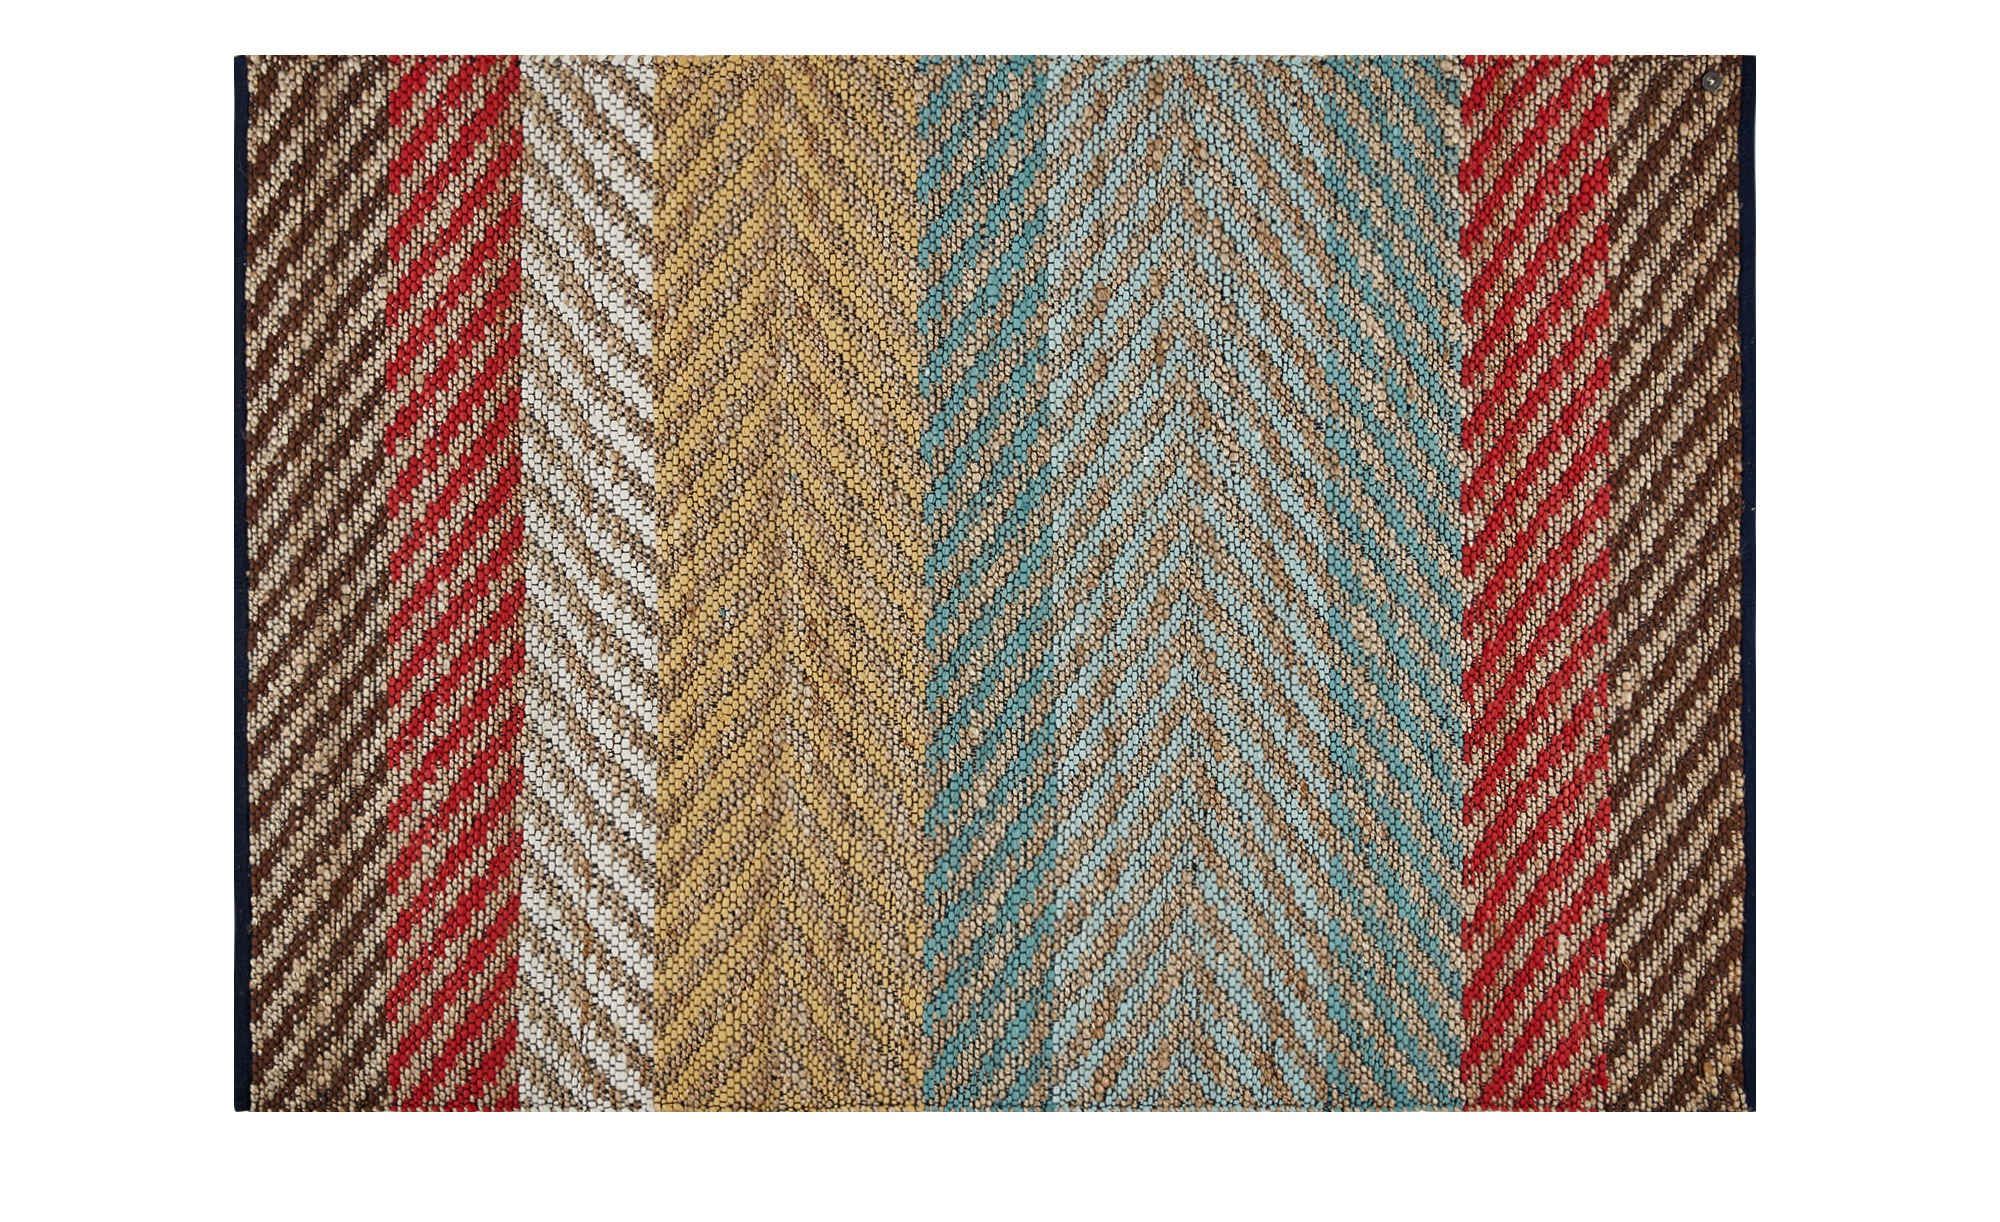 Tom Tailor Handweber-Teppich  Pastel Stripe ¦ mehrfarbig ¦ 60 % Baumwolle, 40 % Jute ¦ Maße (cm): B: 65 Teppiche > Wohnteppiche - Höffner